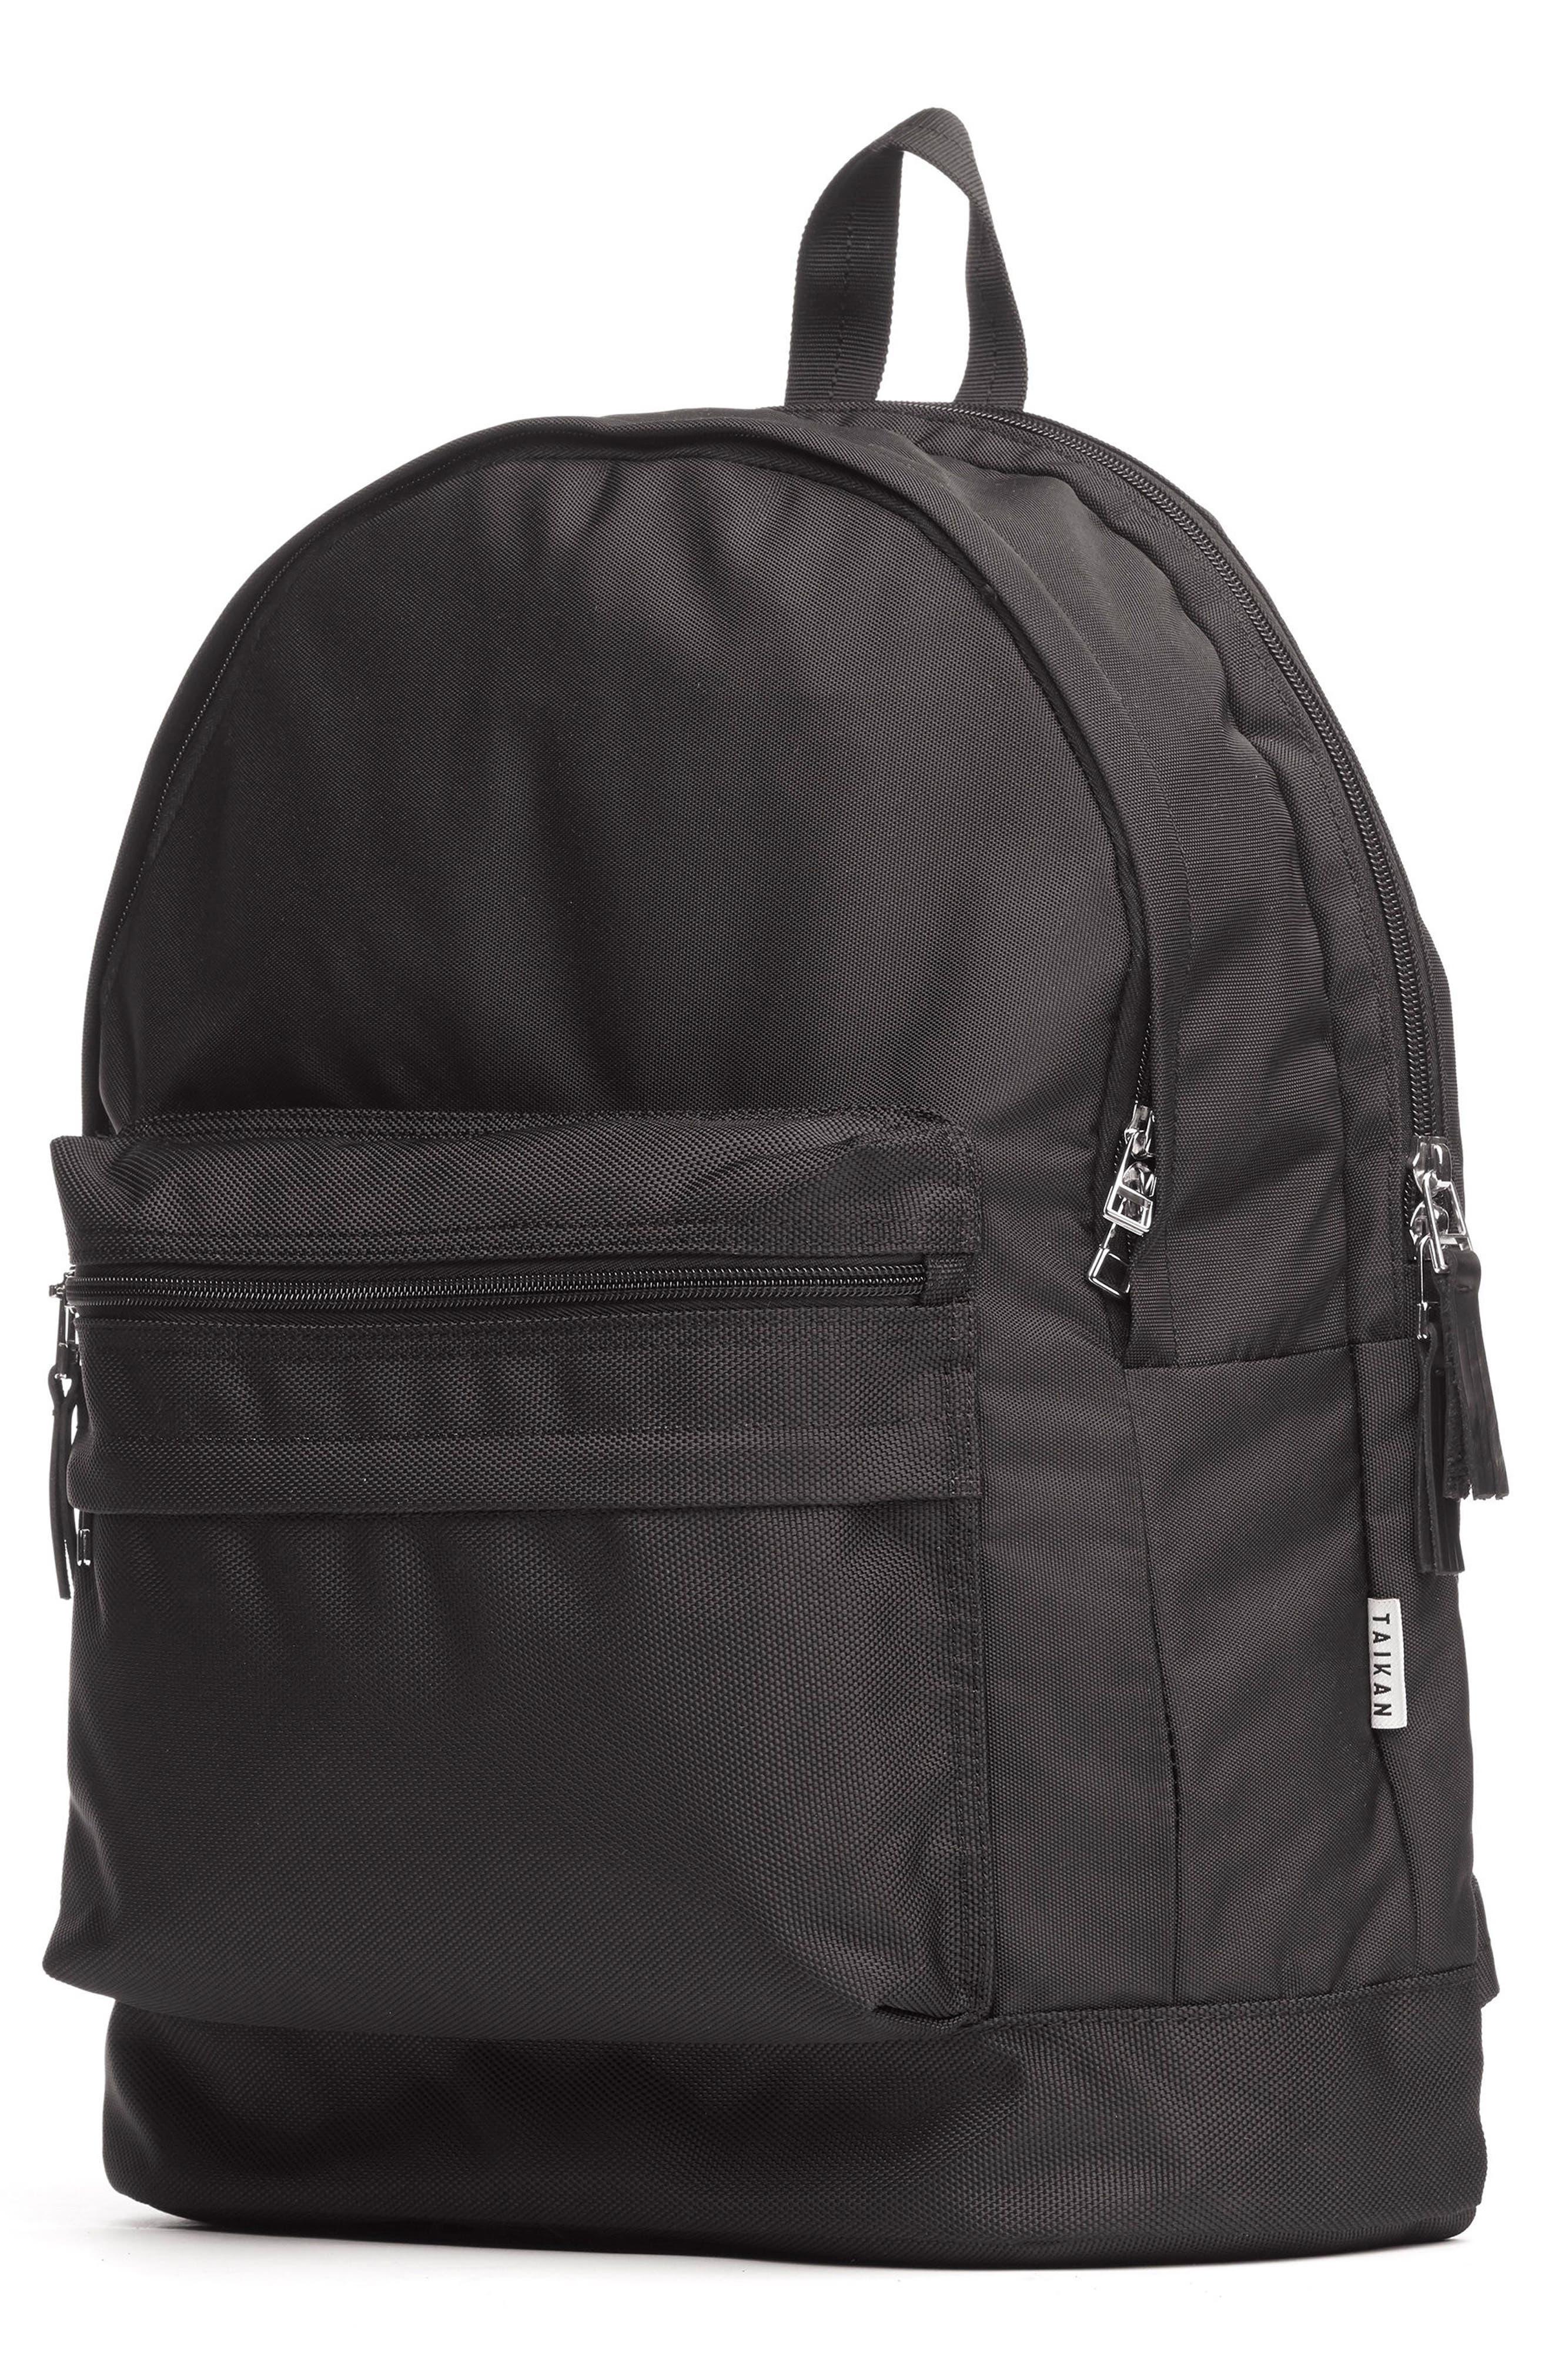 Lancer Backpack,                             Alternate thumbnail 4, color,                             MATTE BLACK